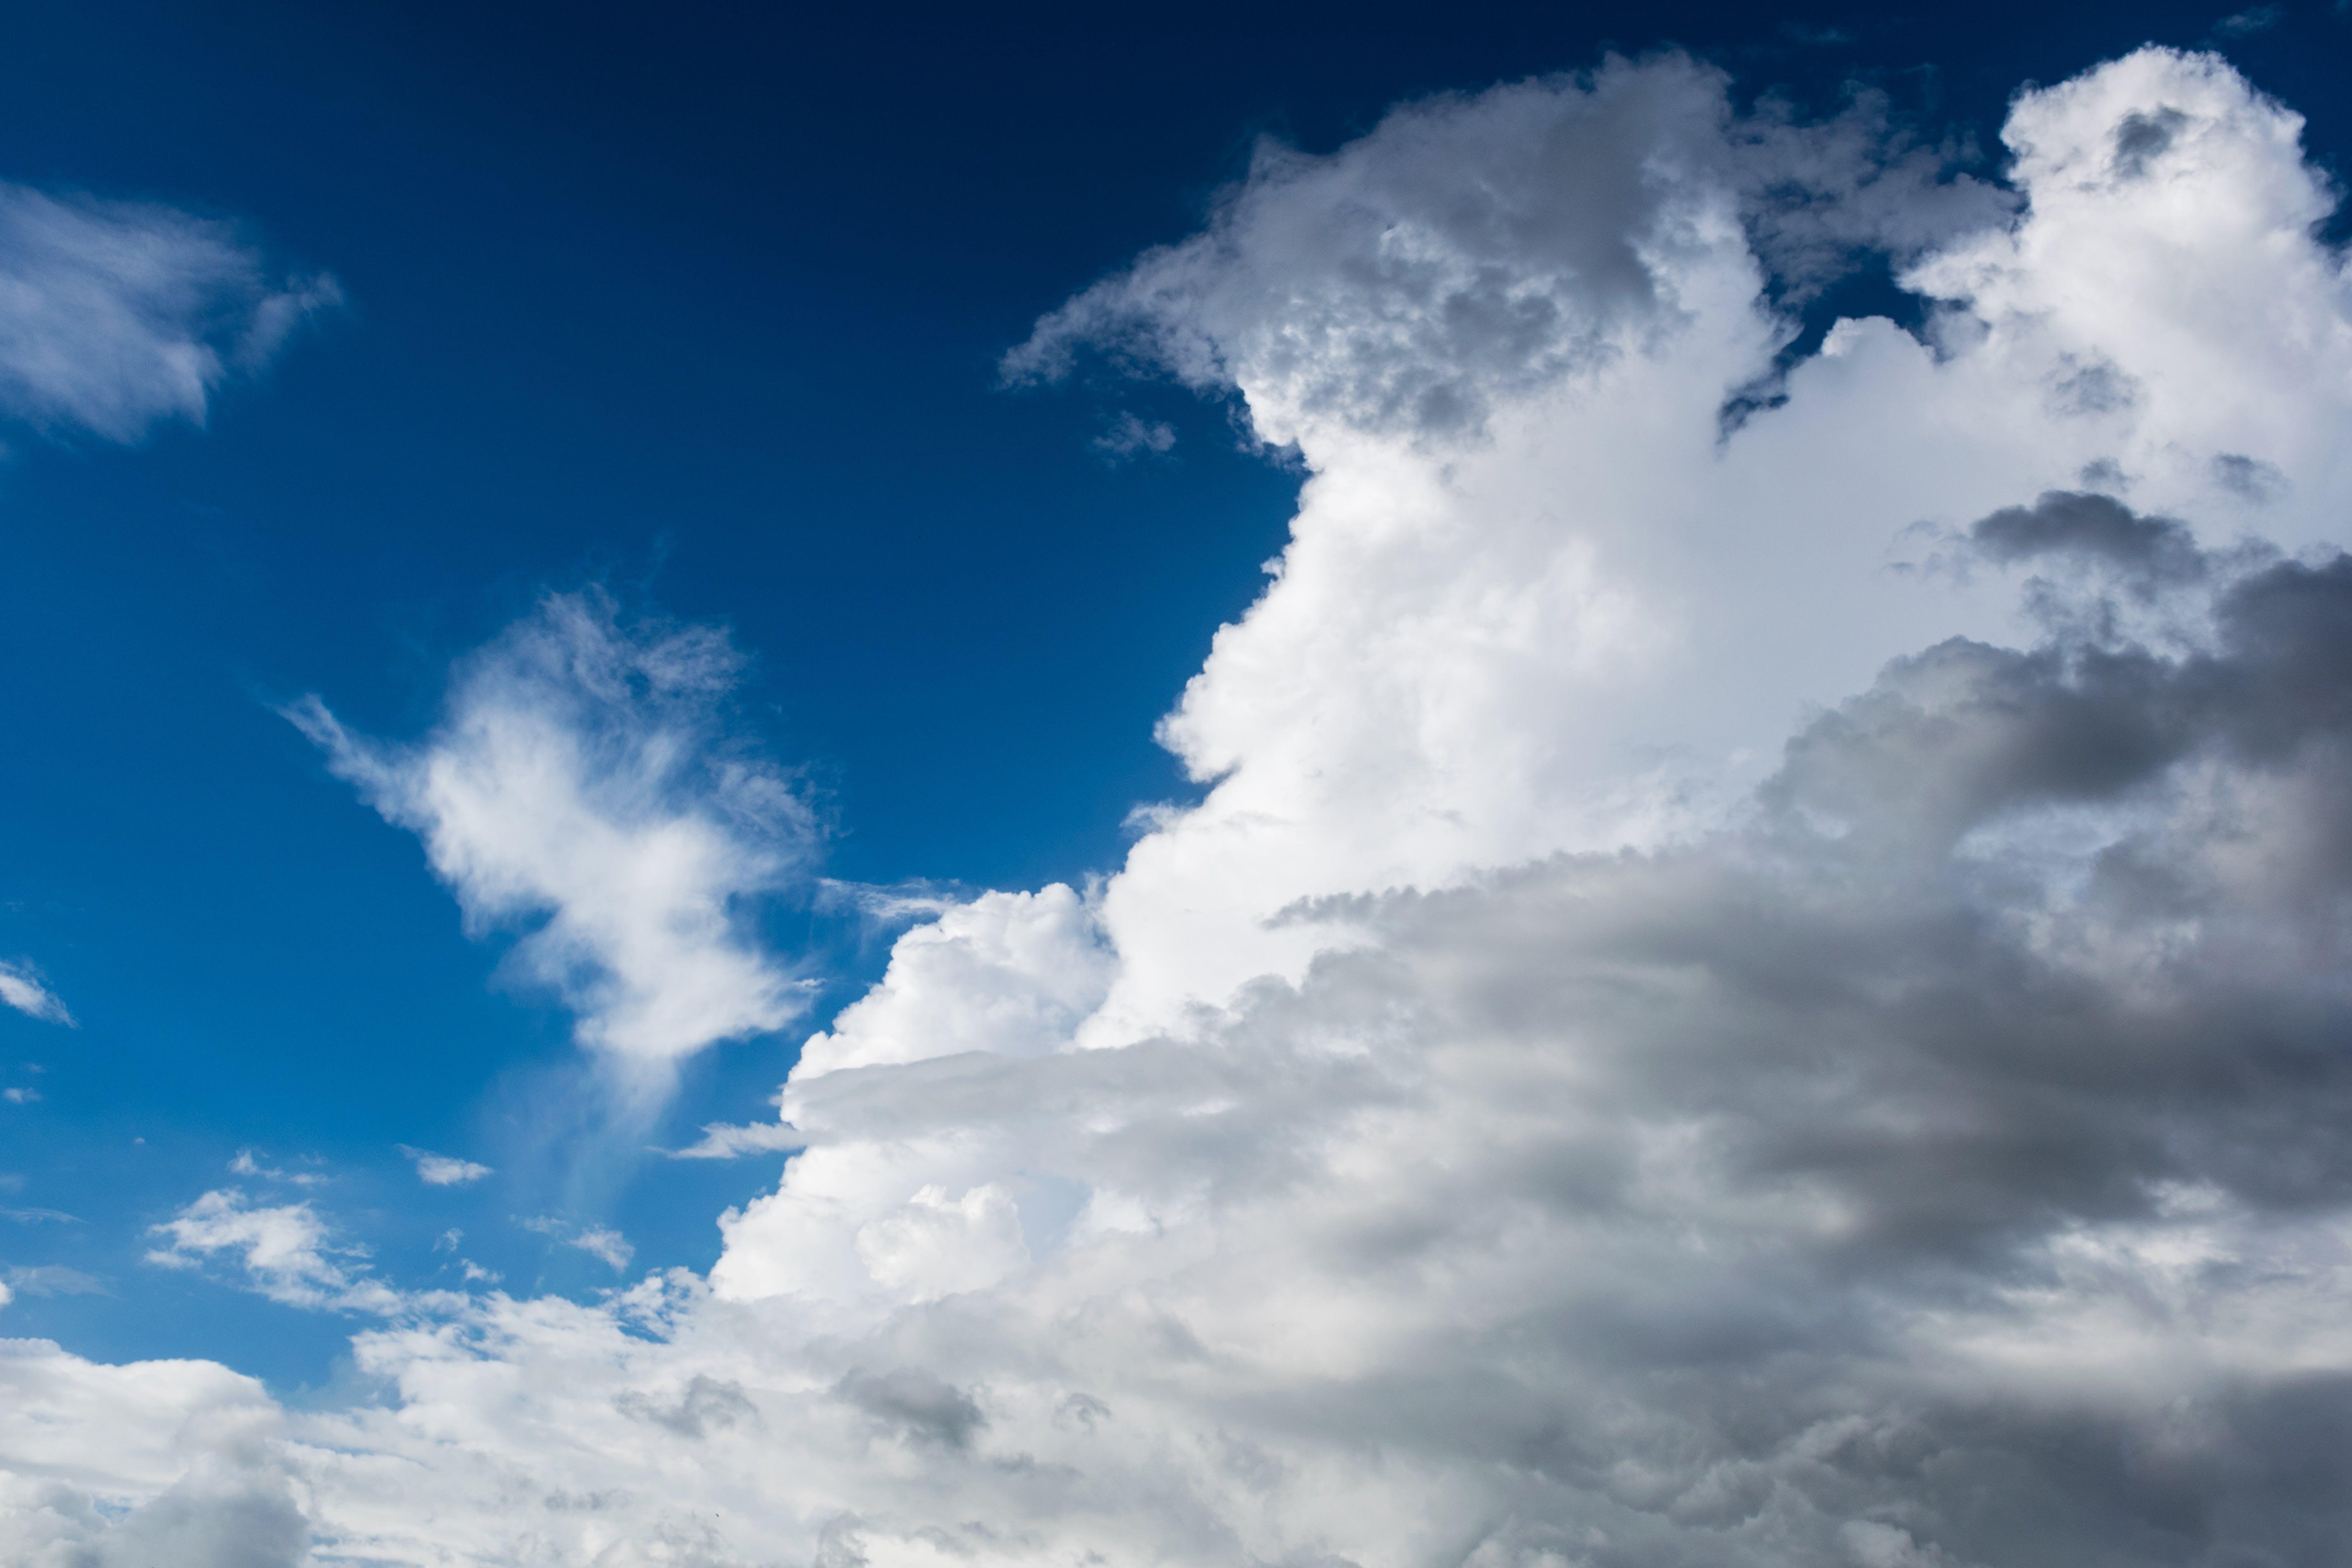 atmosphere, beautiful, blue sky